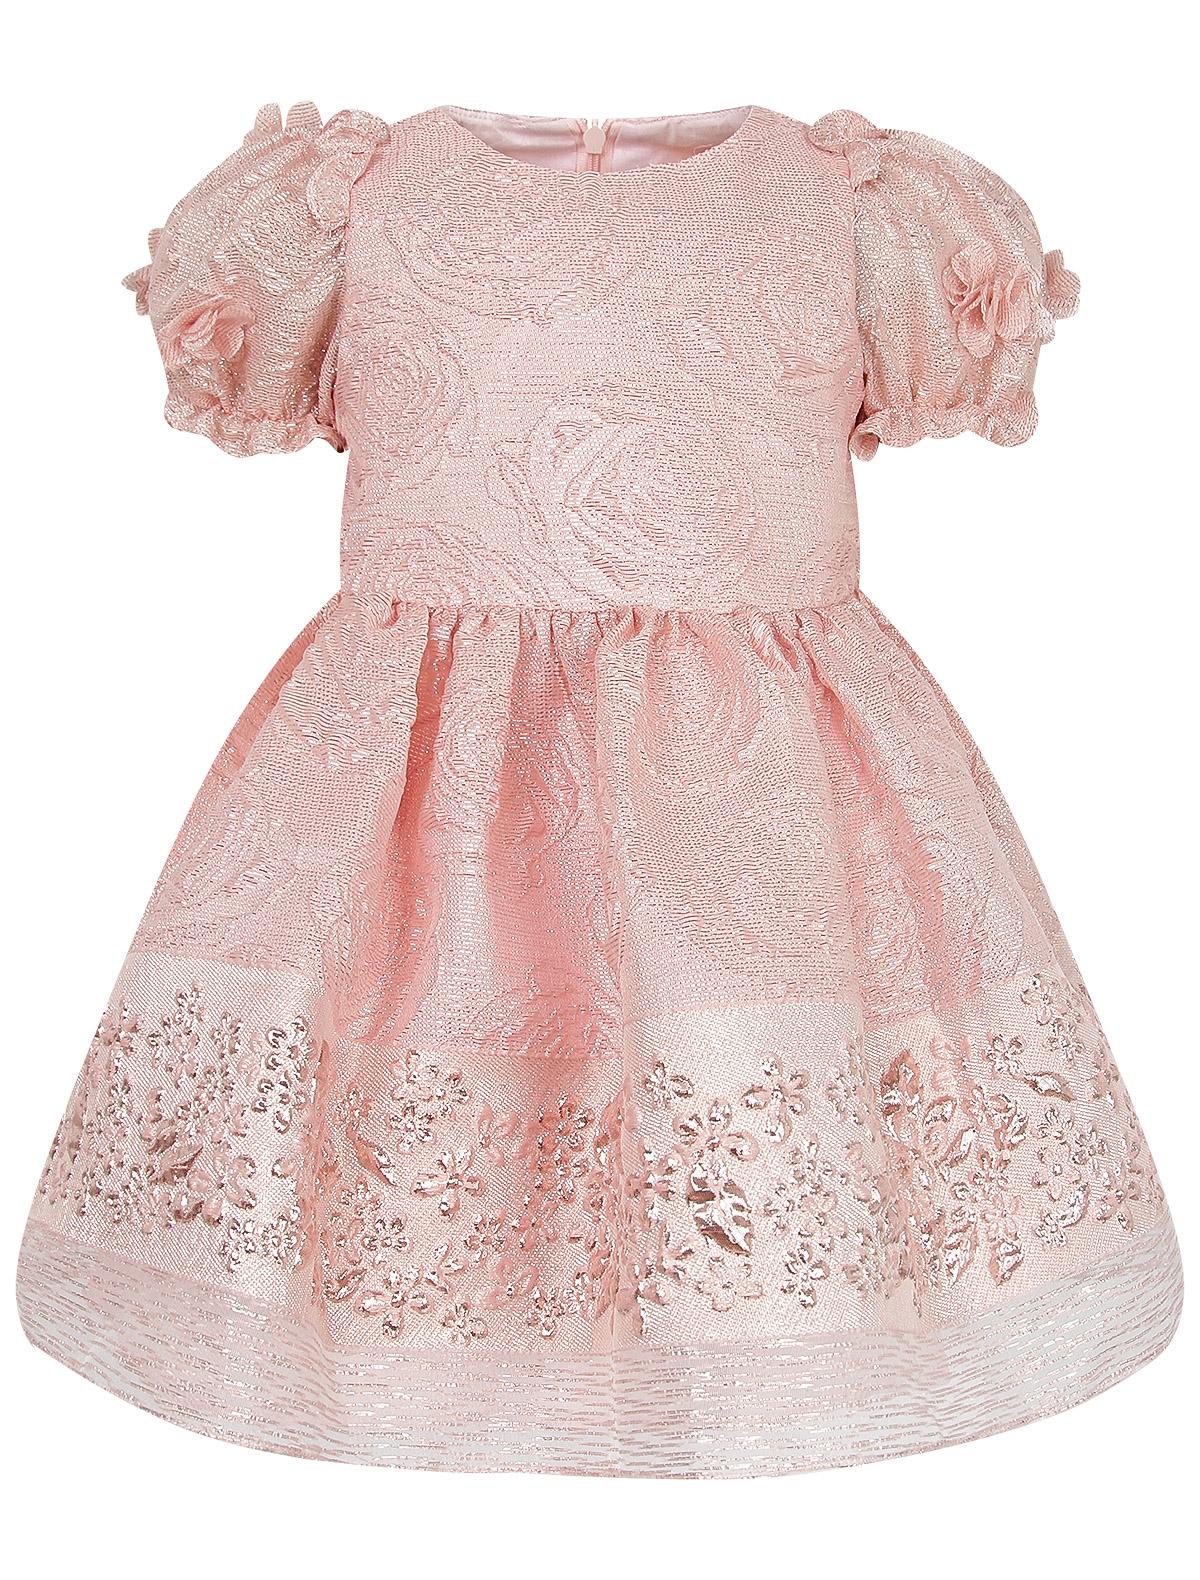 Купить 2261471, Платье David Charles, розовый, Женский, 1054509087474